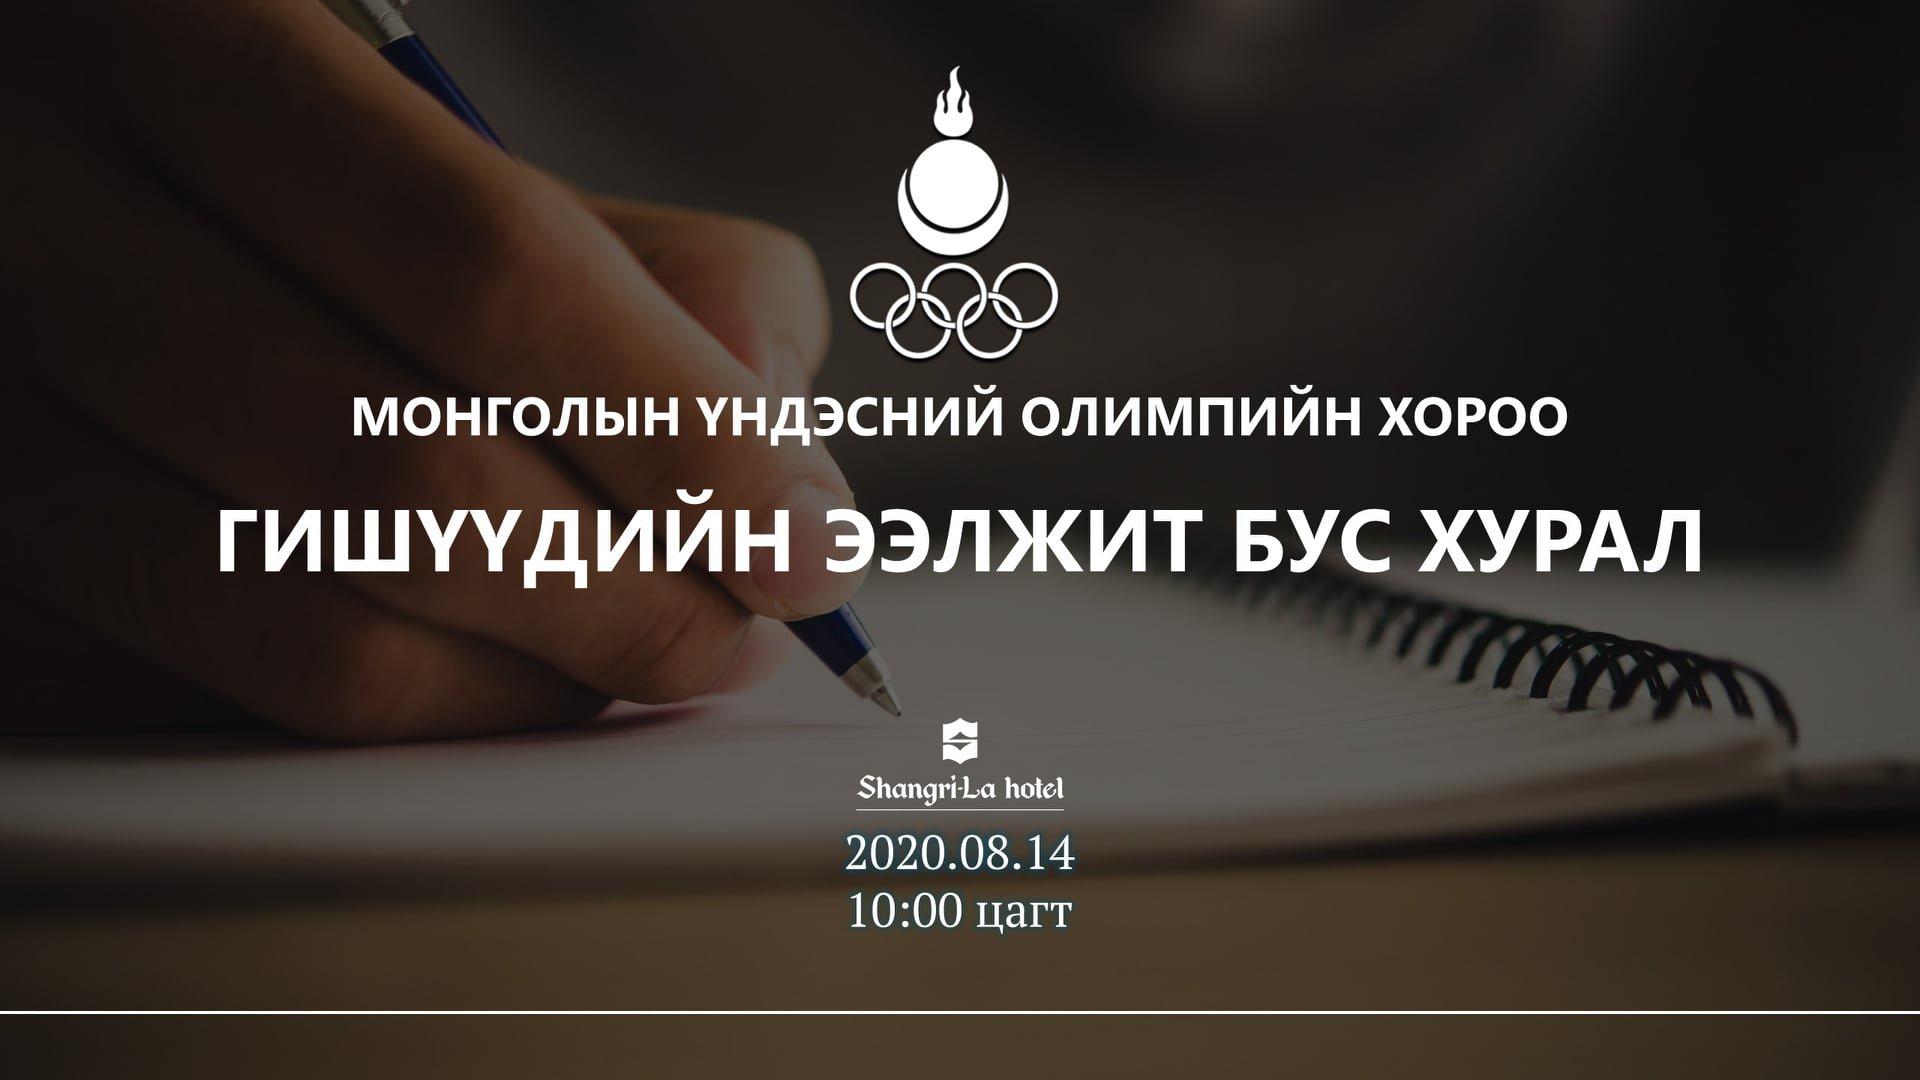 МҮОХ-ны сонгууль энэ сарын 14-нд болно